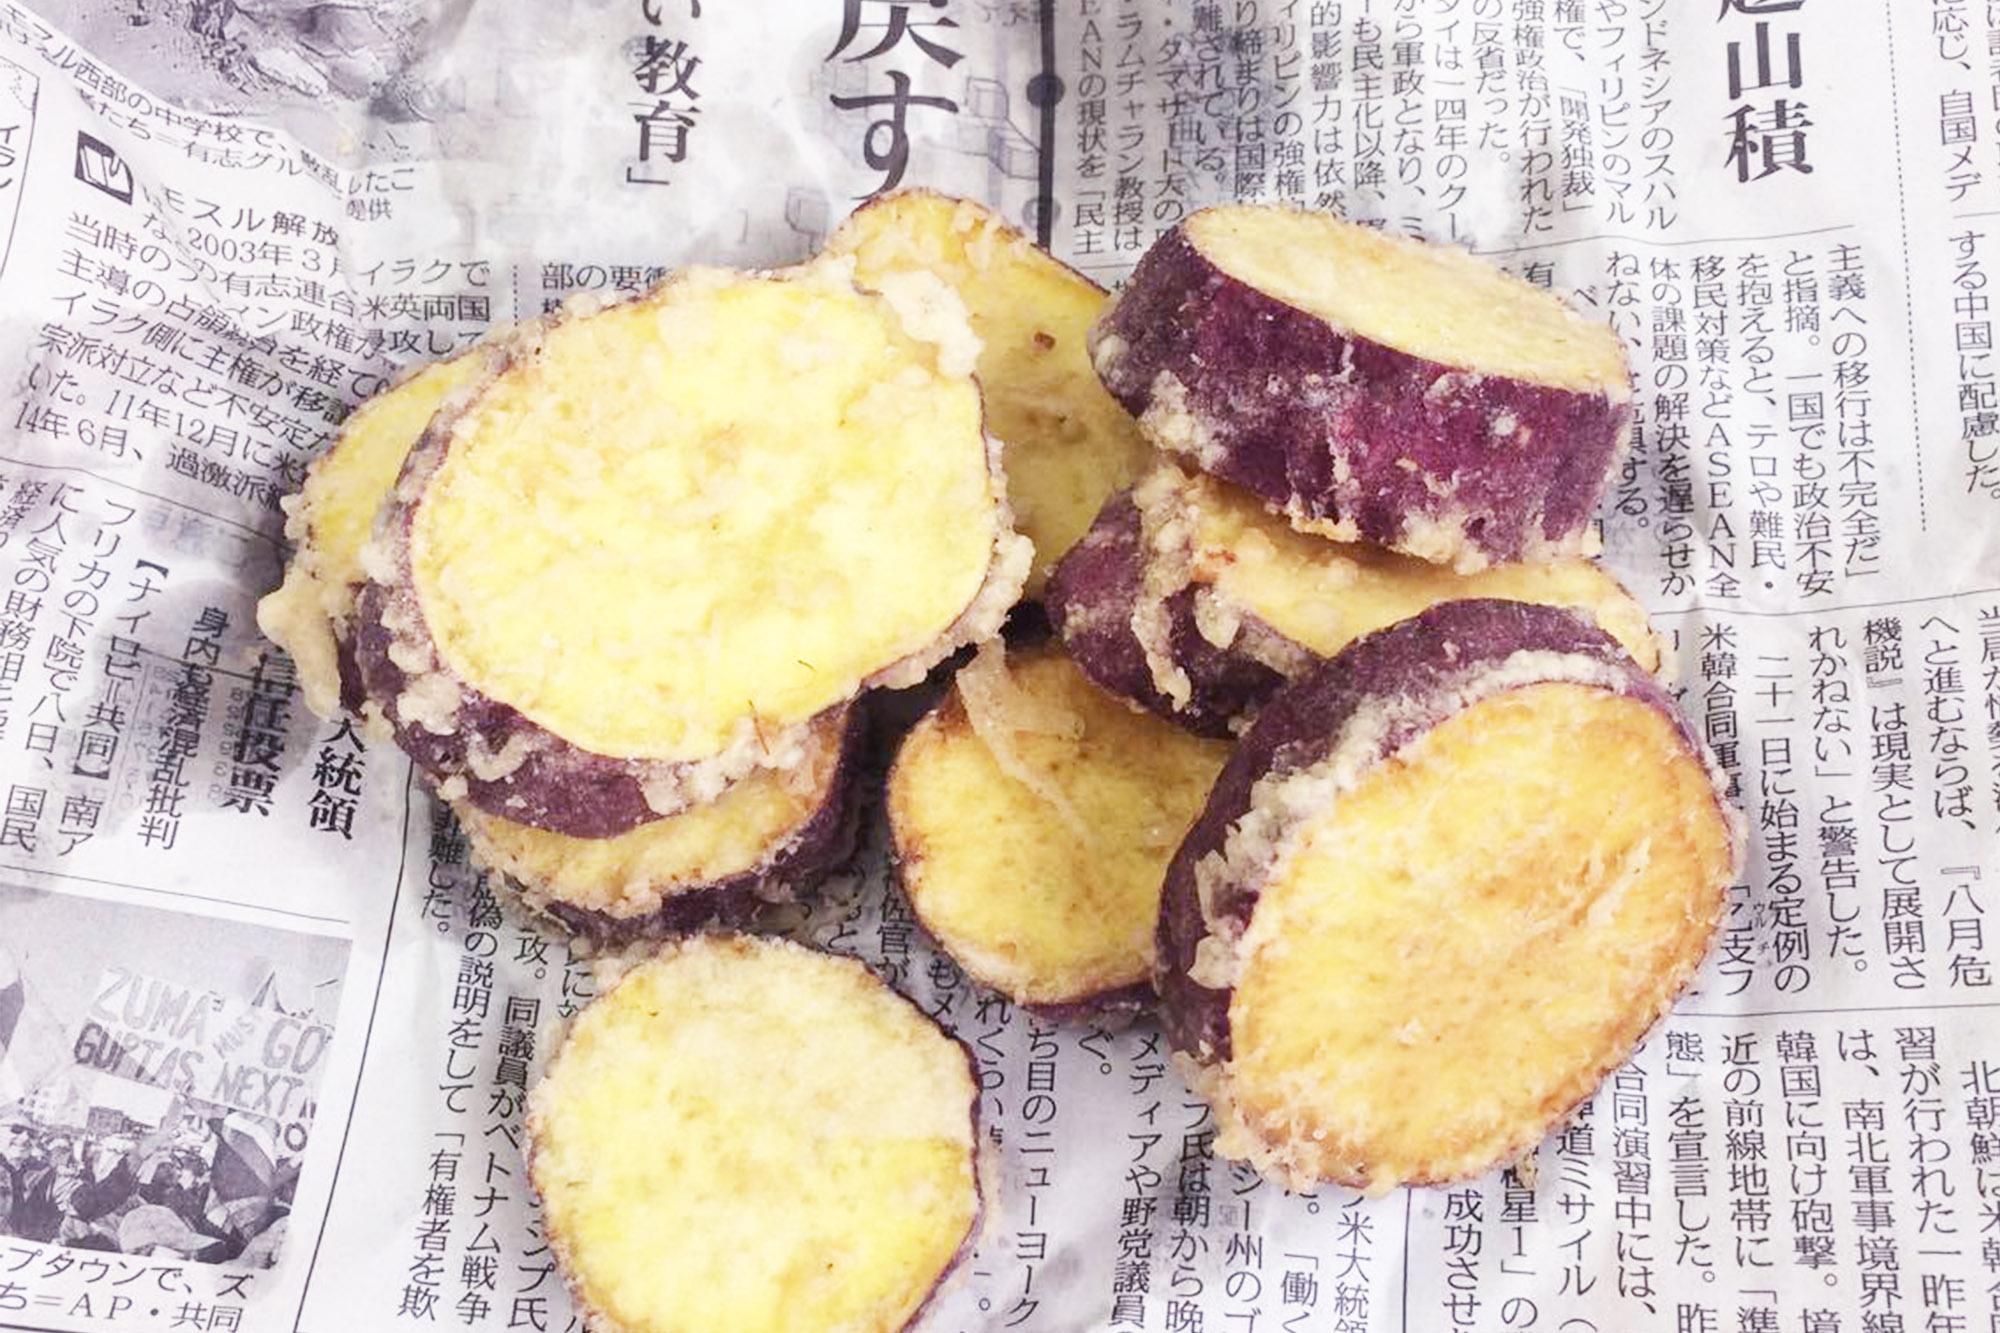 松屋さんのサツマイモ天 揚げたて